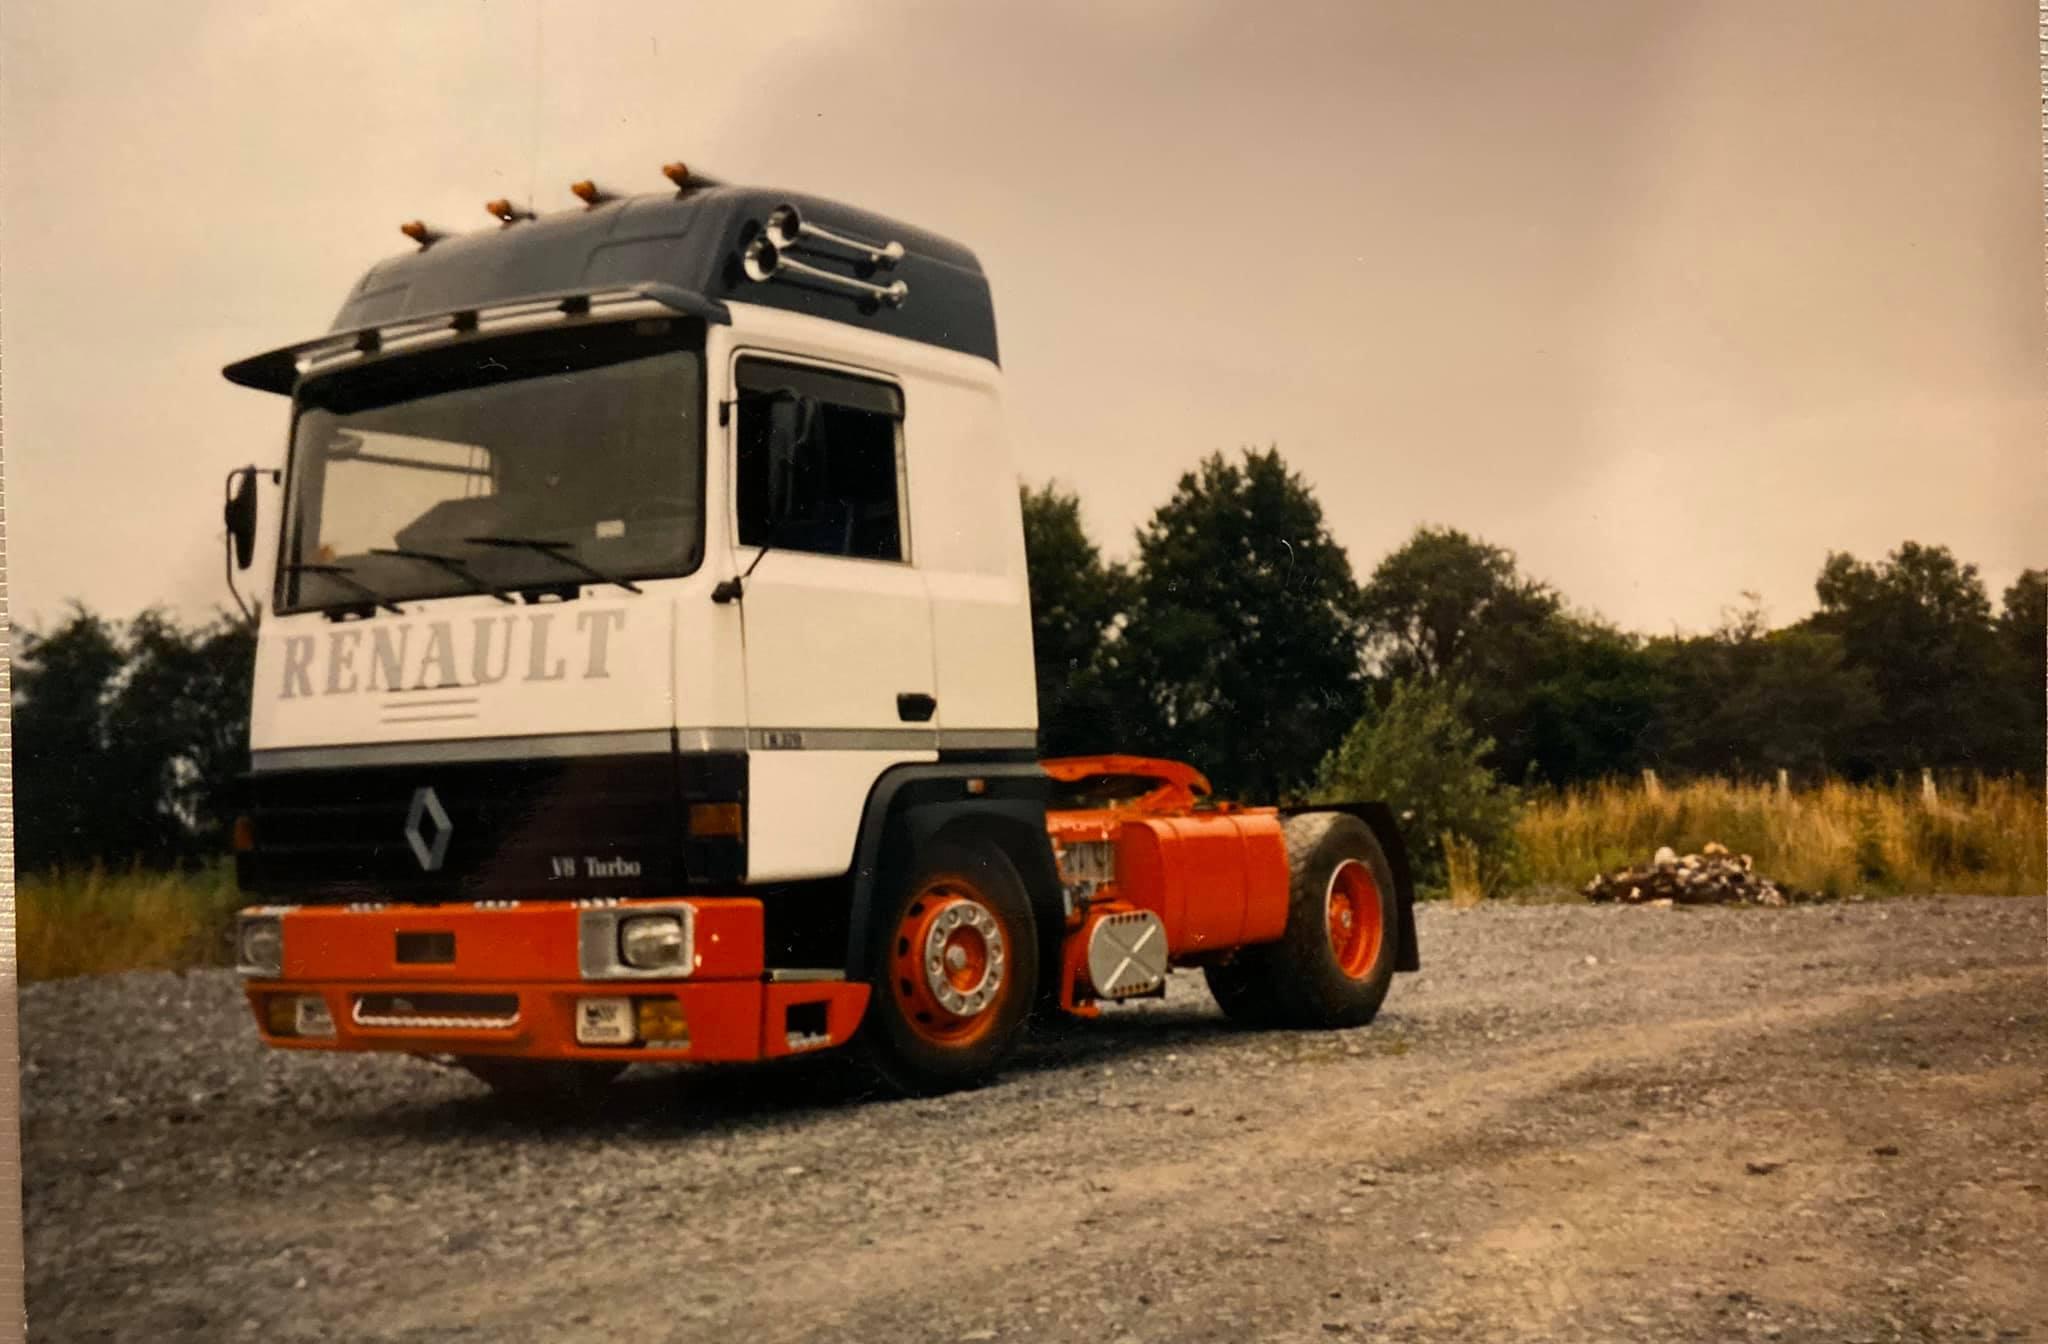 Renault-V8-Turbo